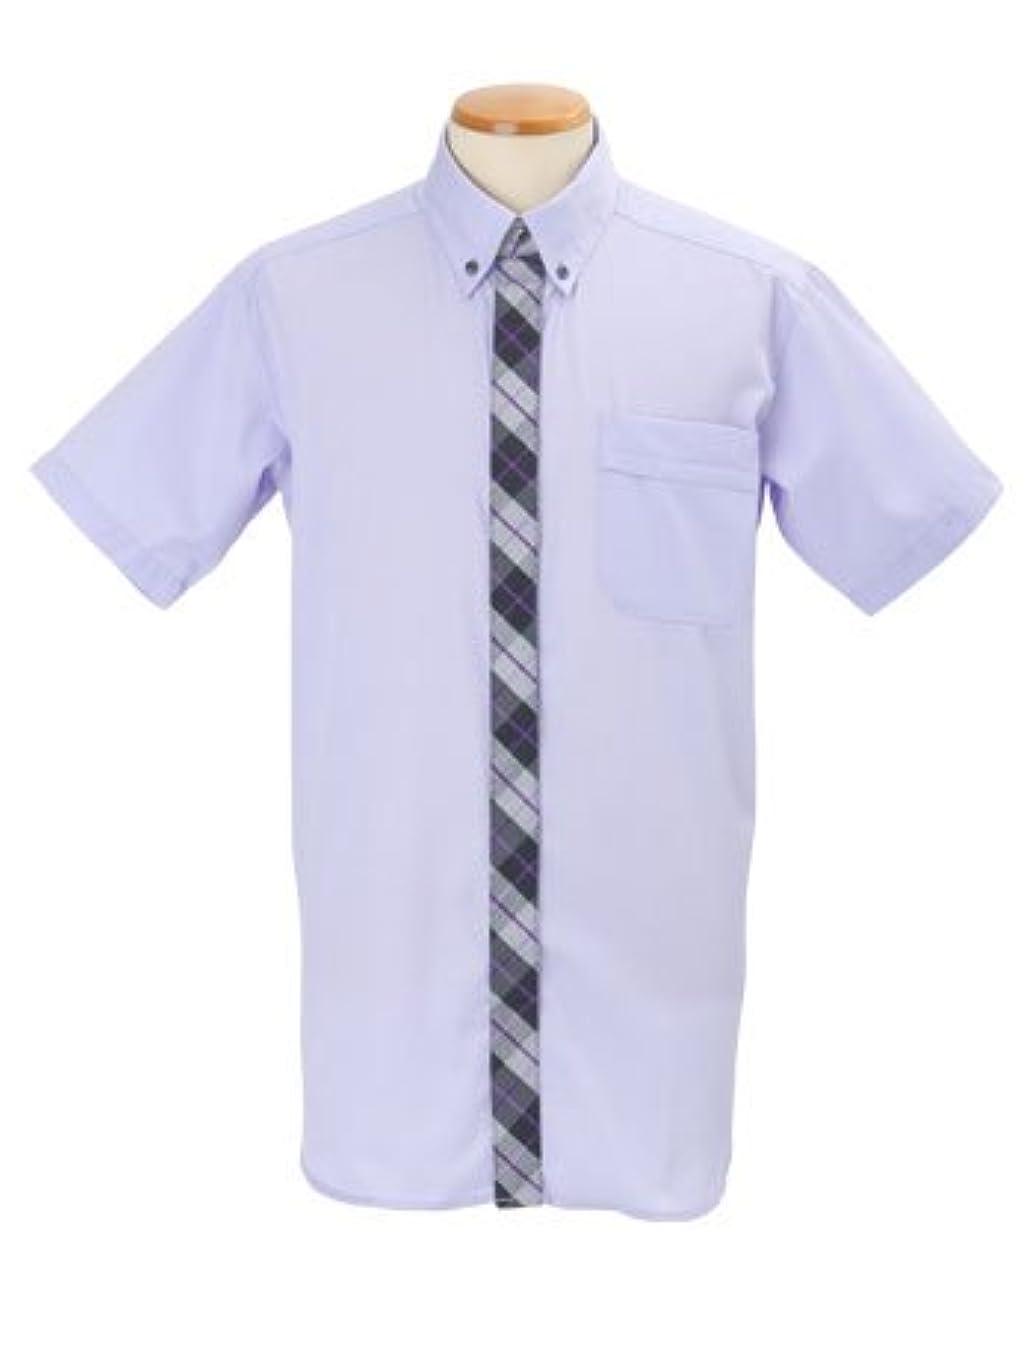 学校教育プログレッシブリールMOVITOMO 半袖 メンズシャツ 3L パープル リッチチェック